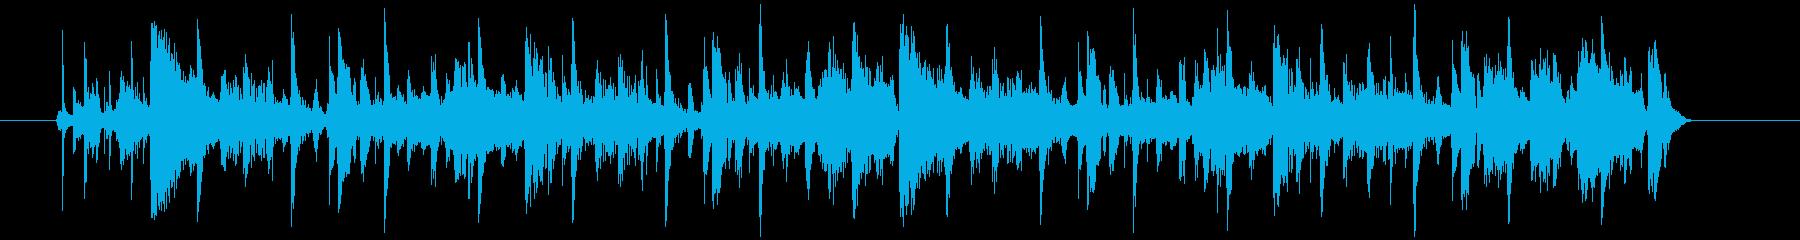 疾走感とドキドキ感のシンセテクノサウンドの再生済みの波形